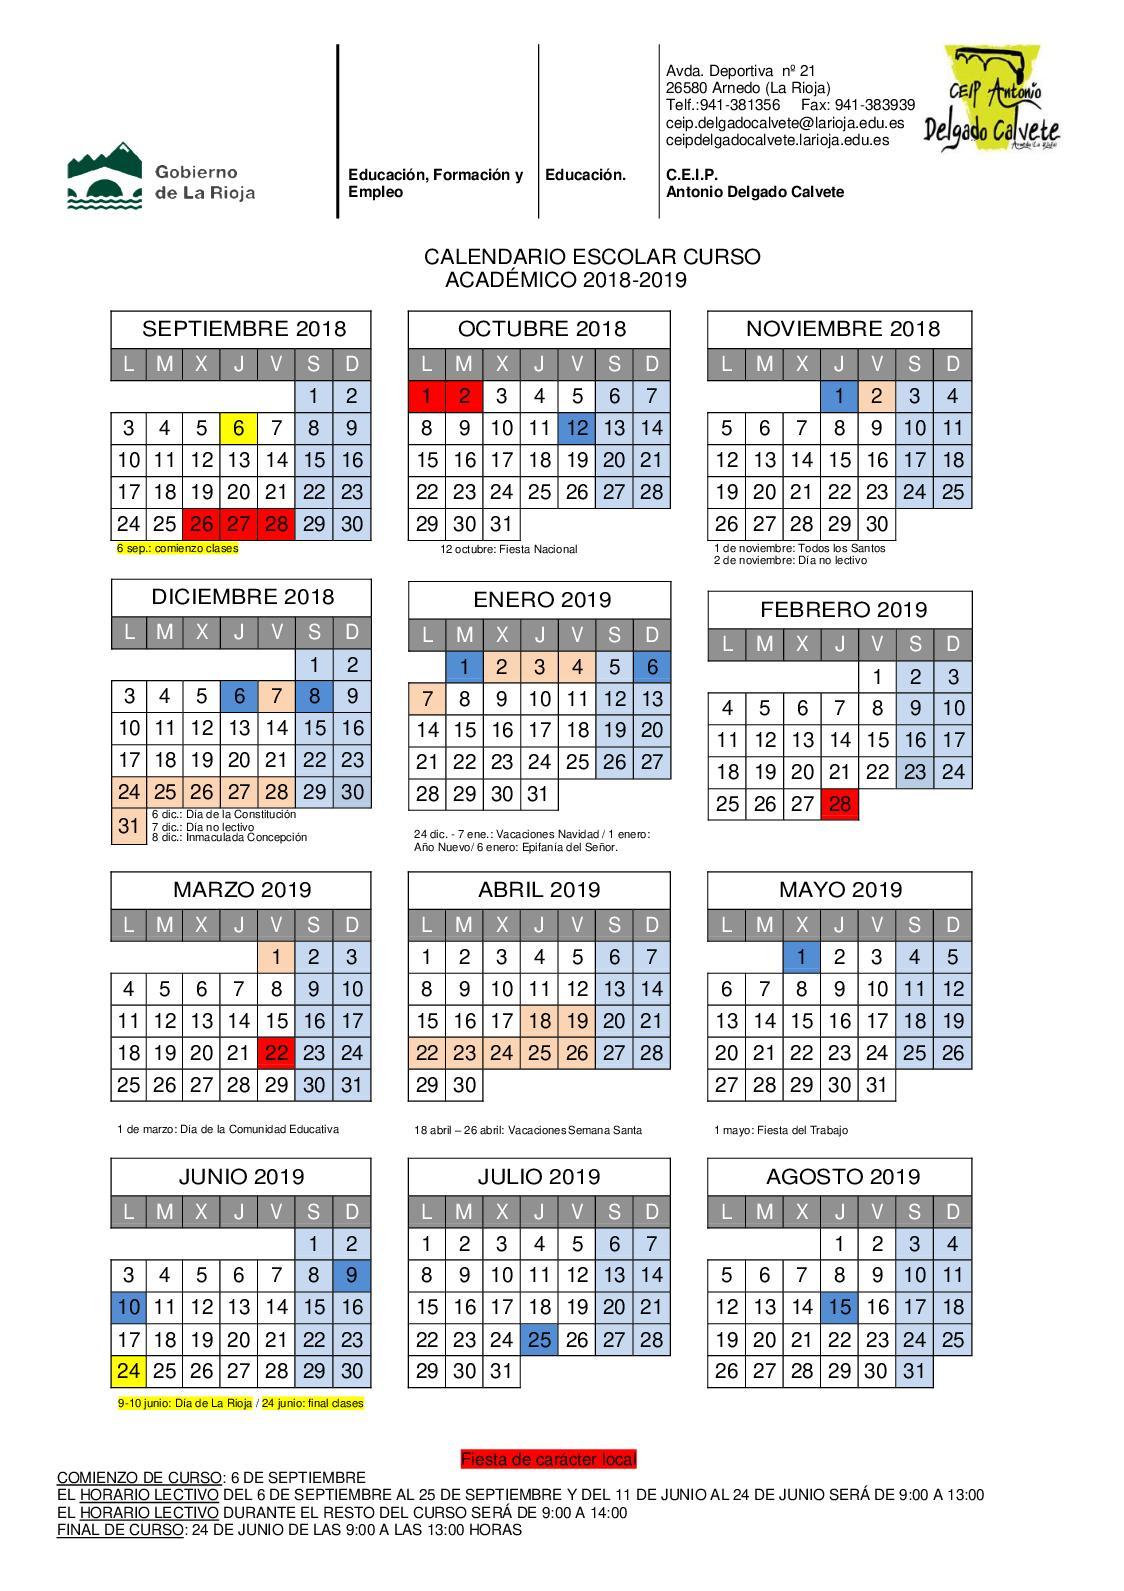 Calendario Escolar 1819.Calameo Calendario Escolar 2018 2019 Ceip Calvete